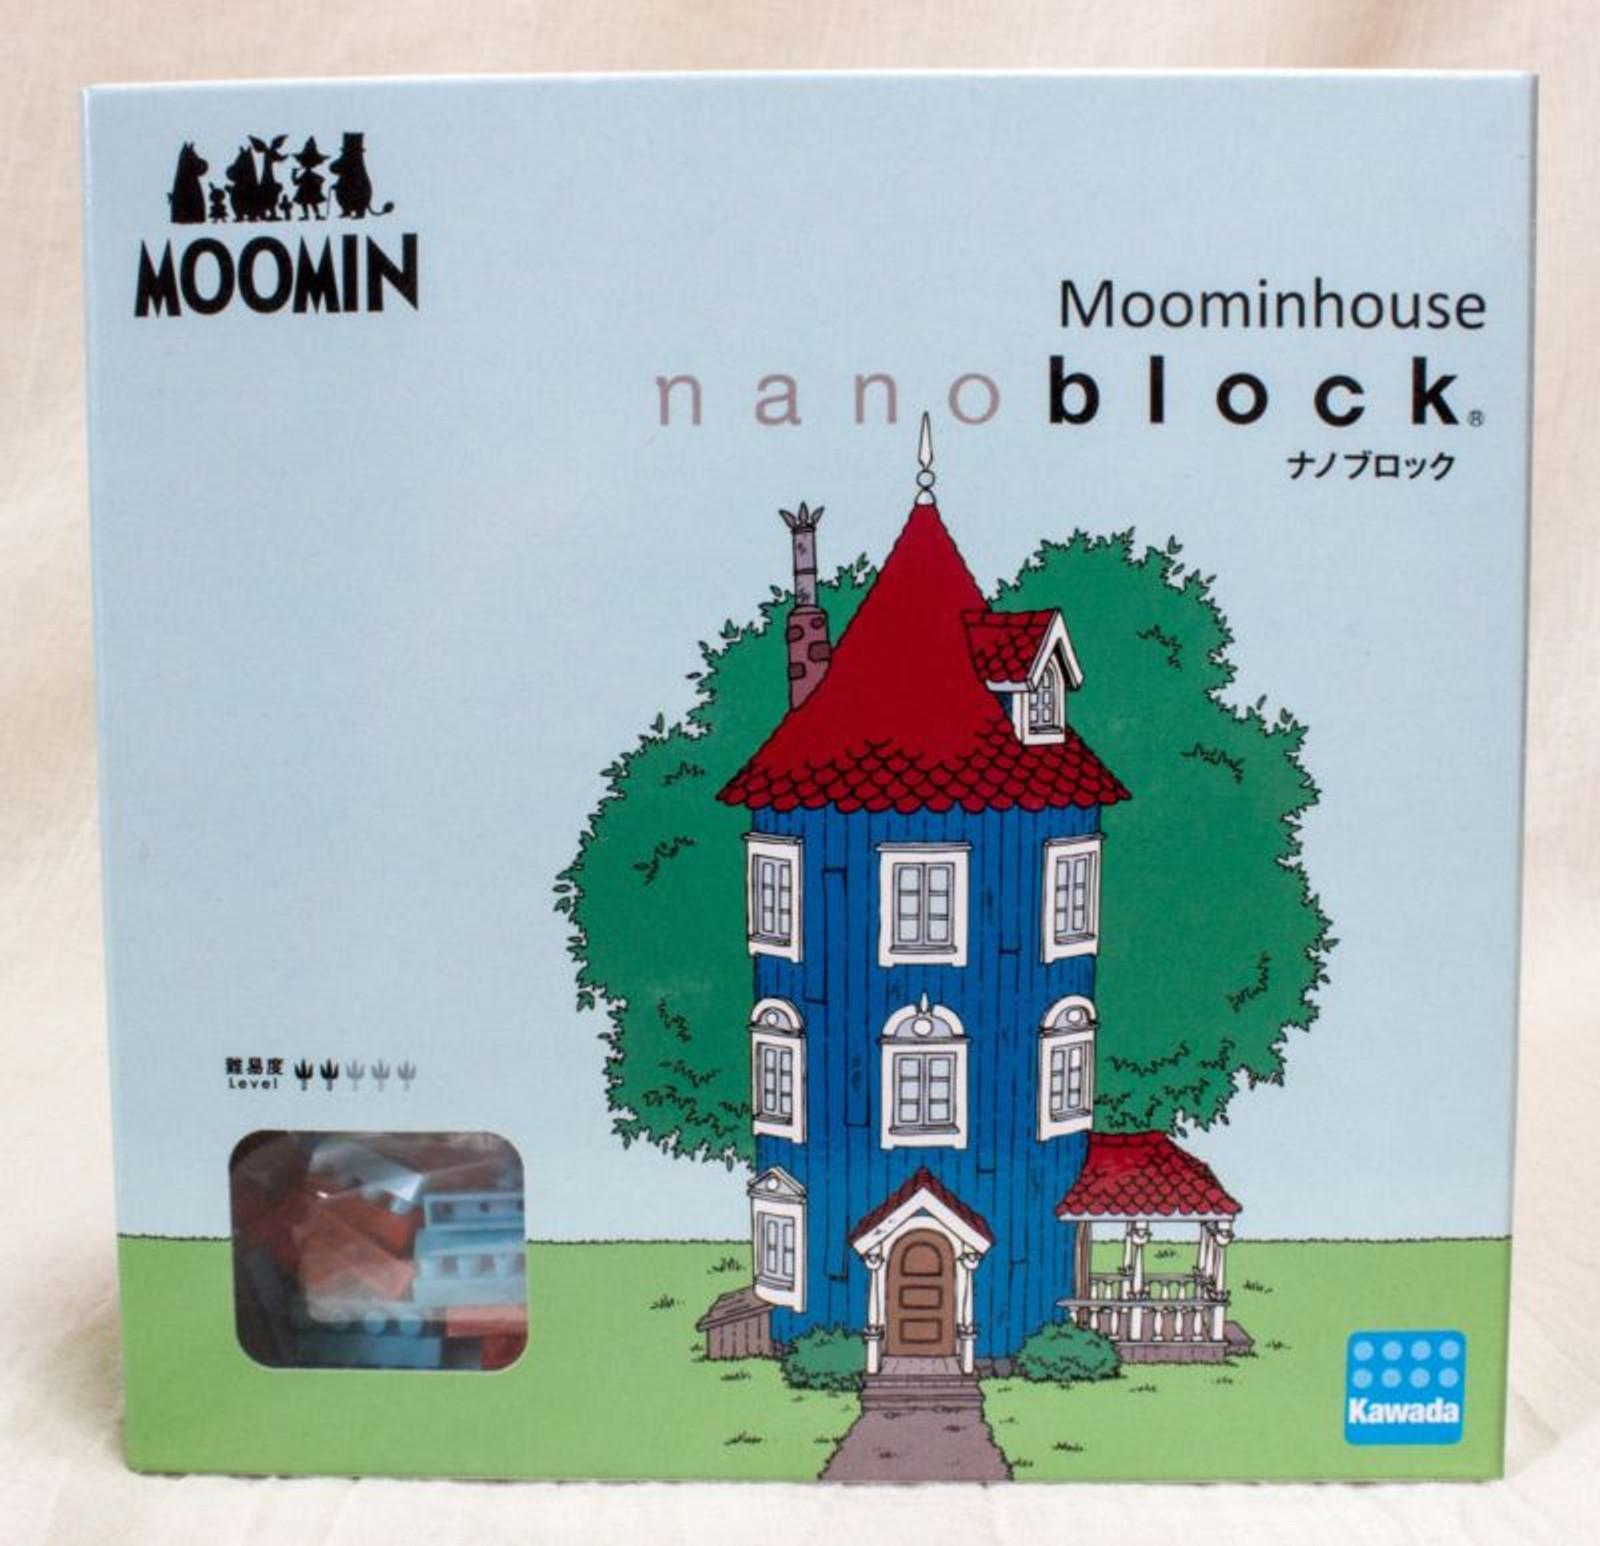 Moomin Moominhouse Kawada Nanoblock Nano Block MOM-042 JAPAN